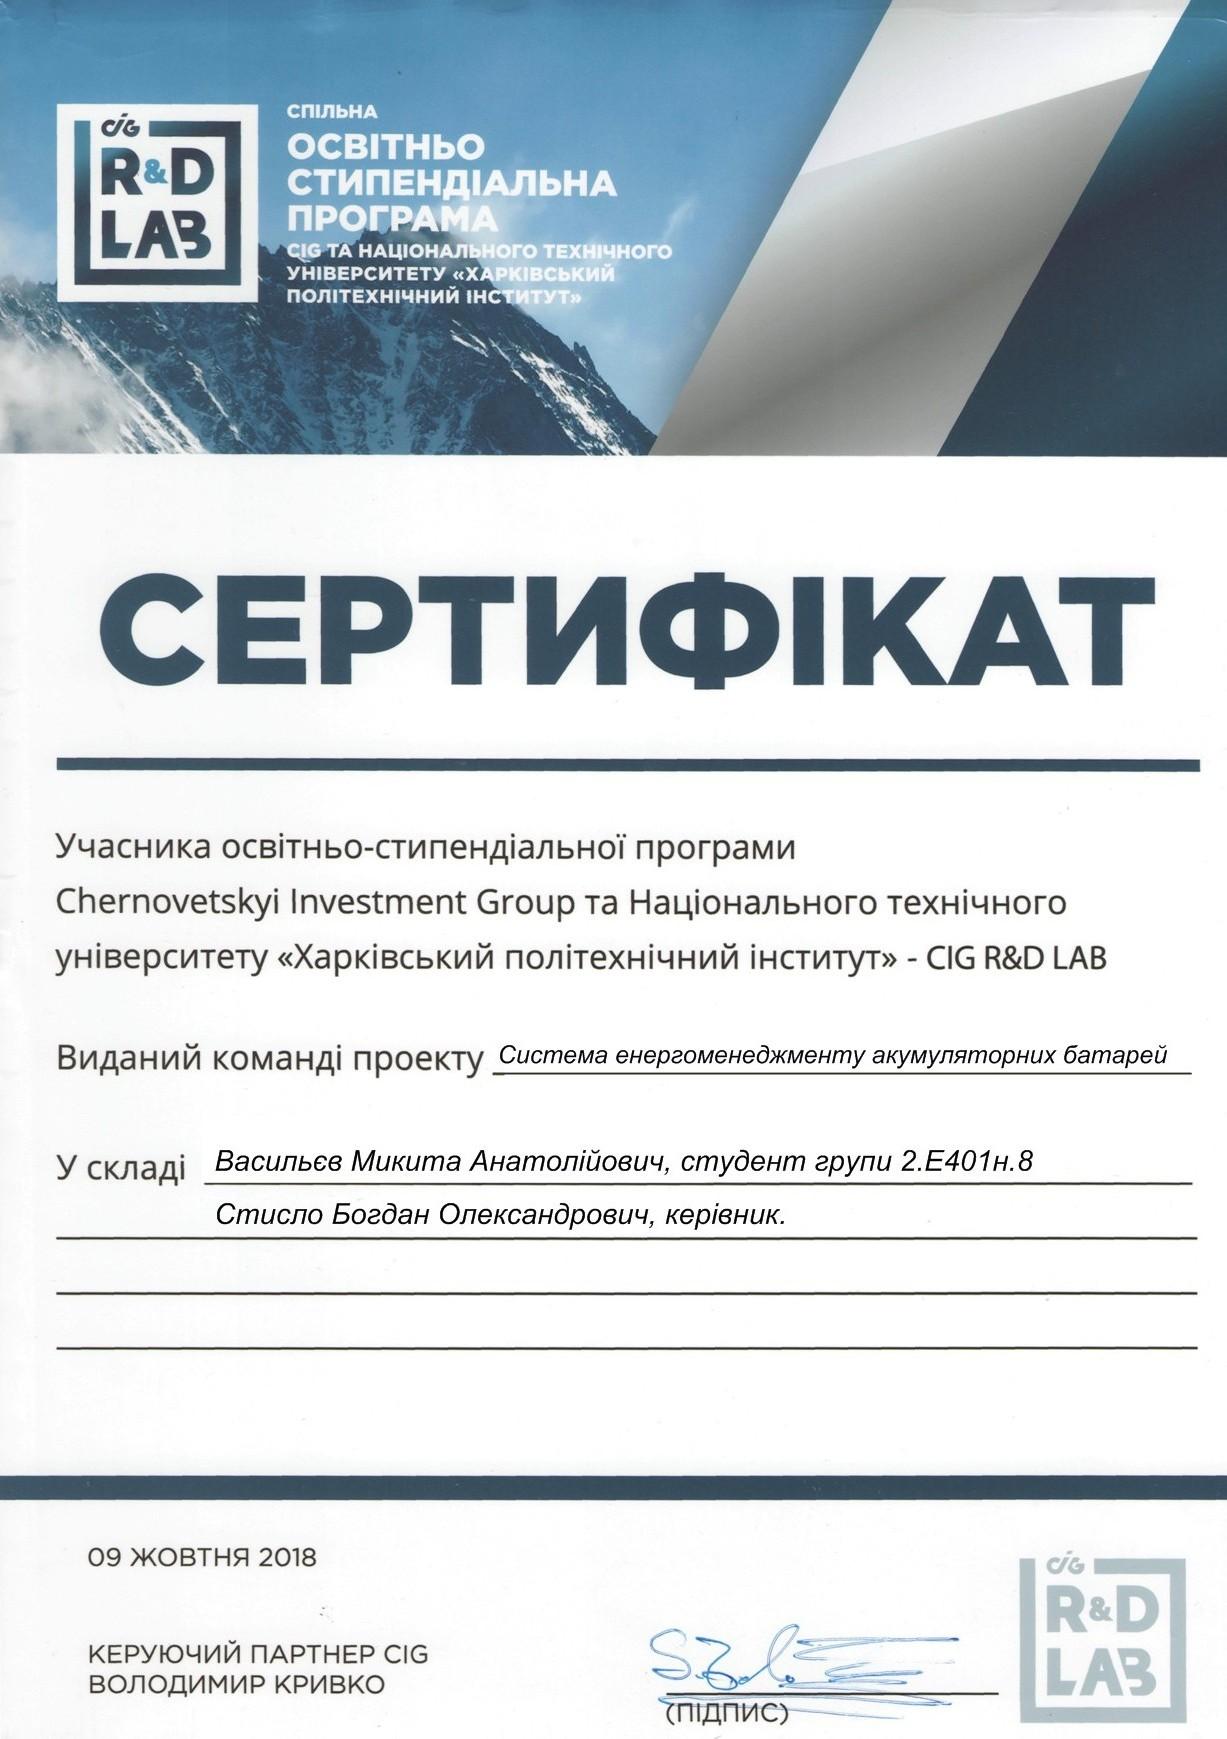 Стипендіальна програма від Chernovetskyi Investment Group